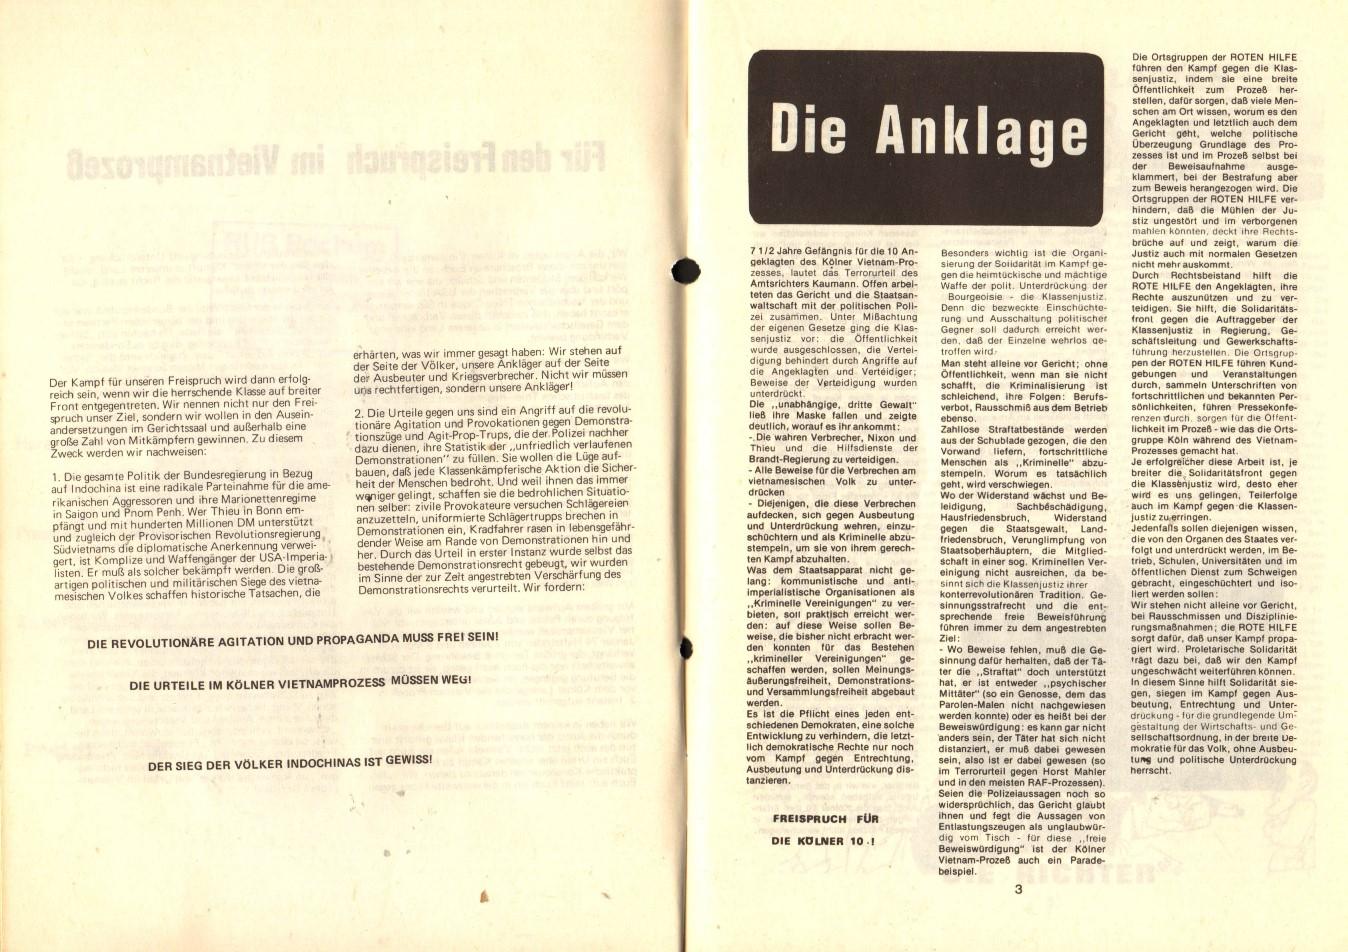 Koeln_RHeV_1975_Der_Koelner_Vietnamprozess_04